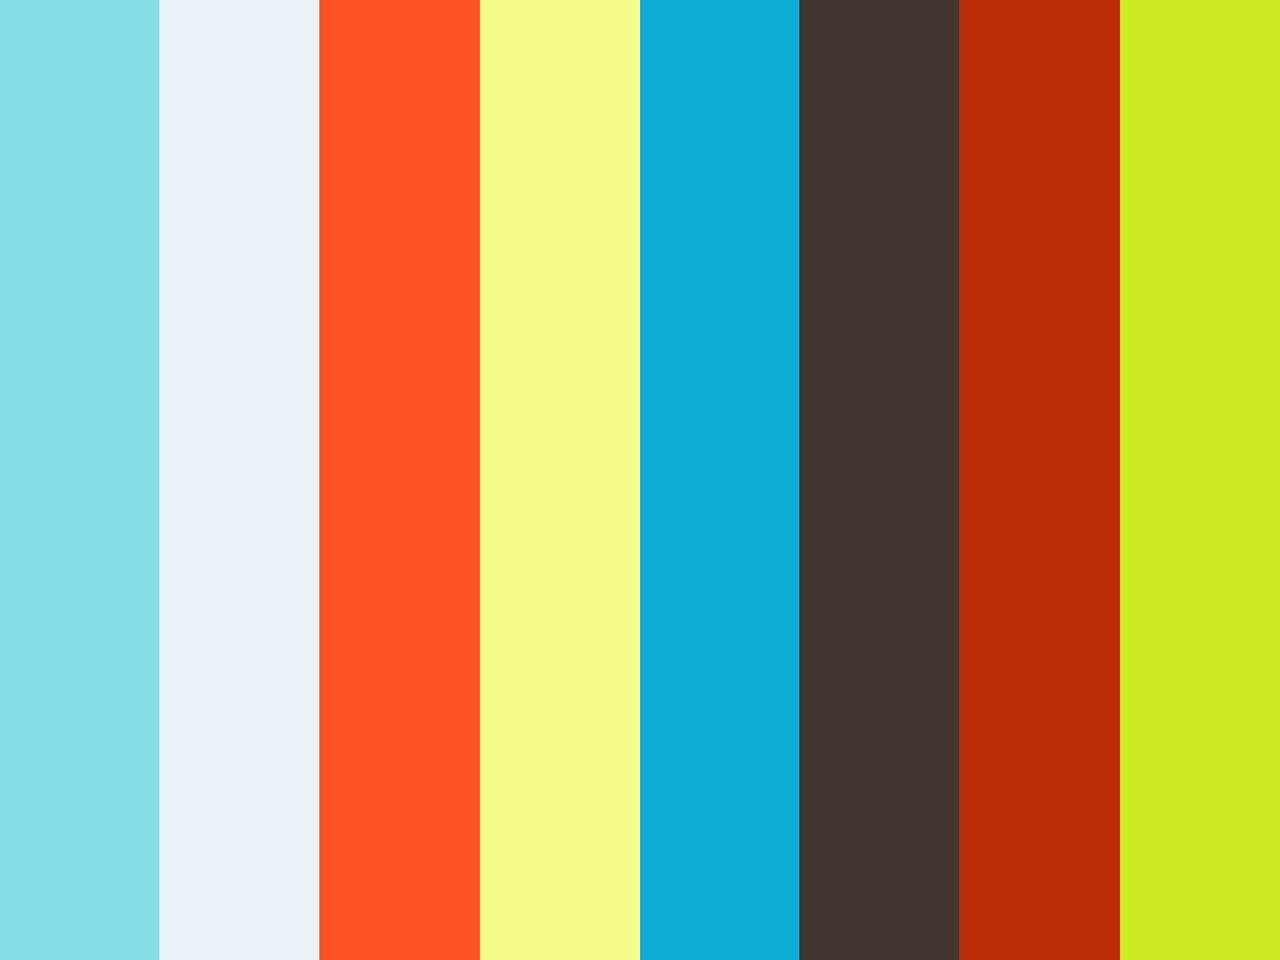 065 Color War Skit